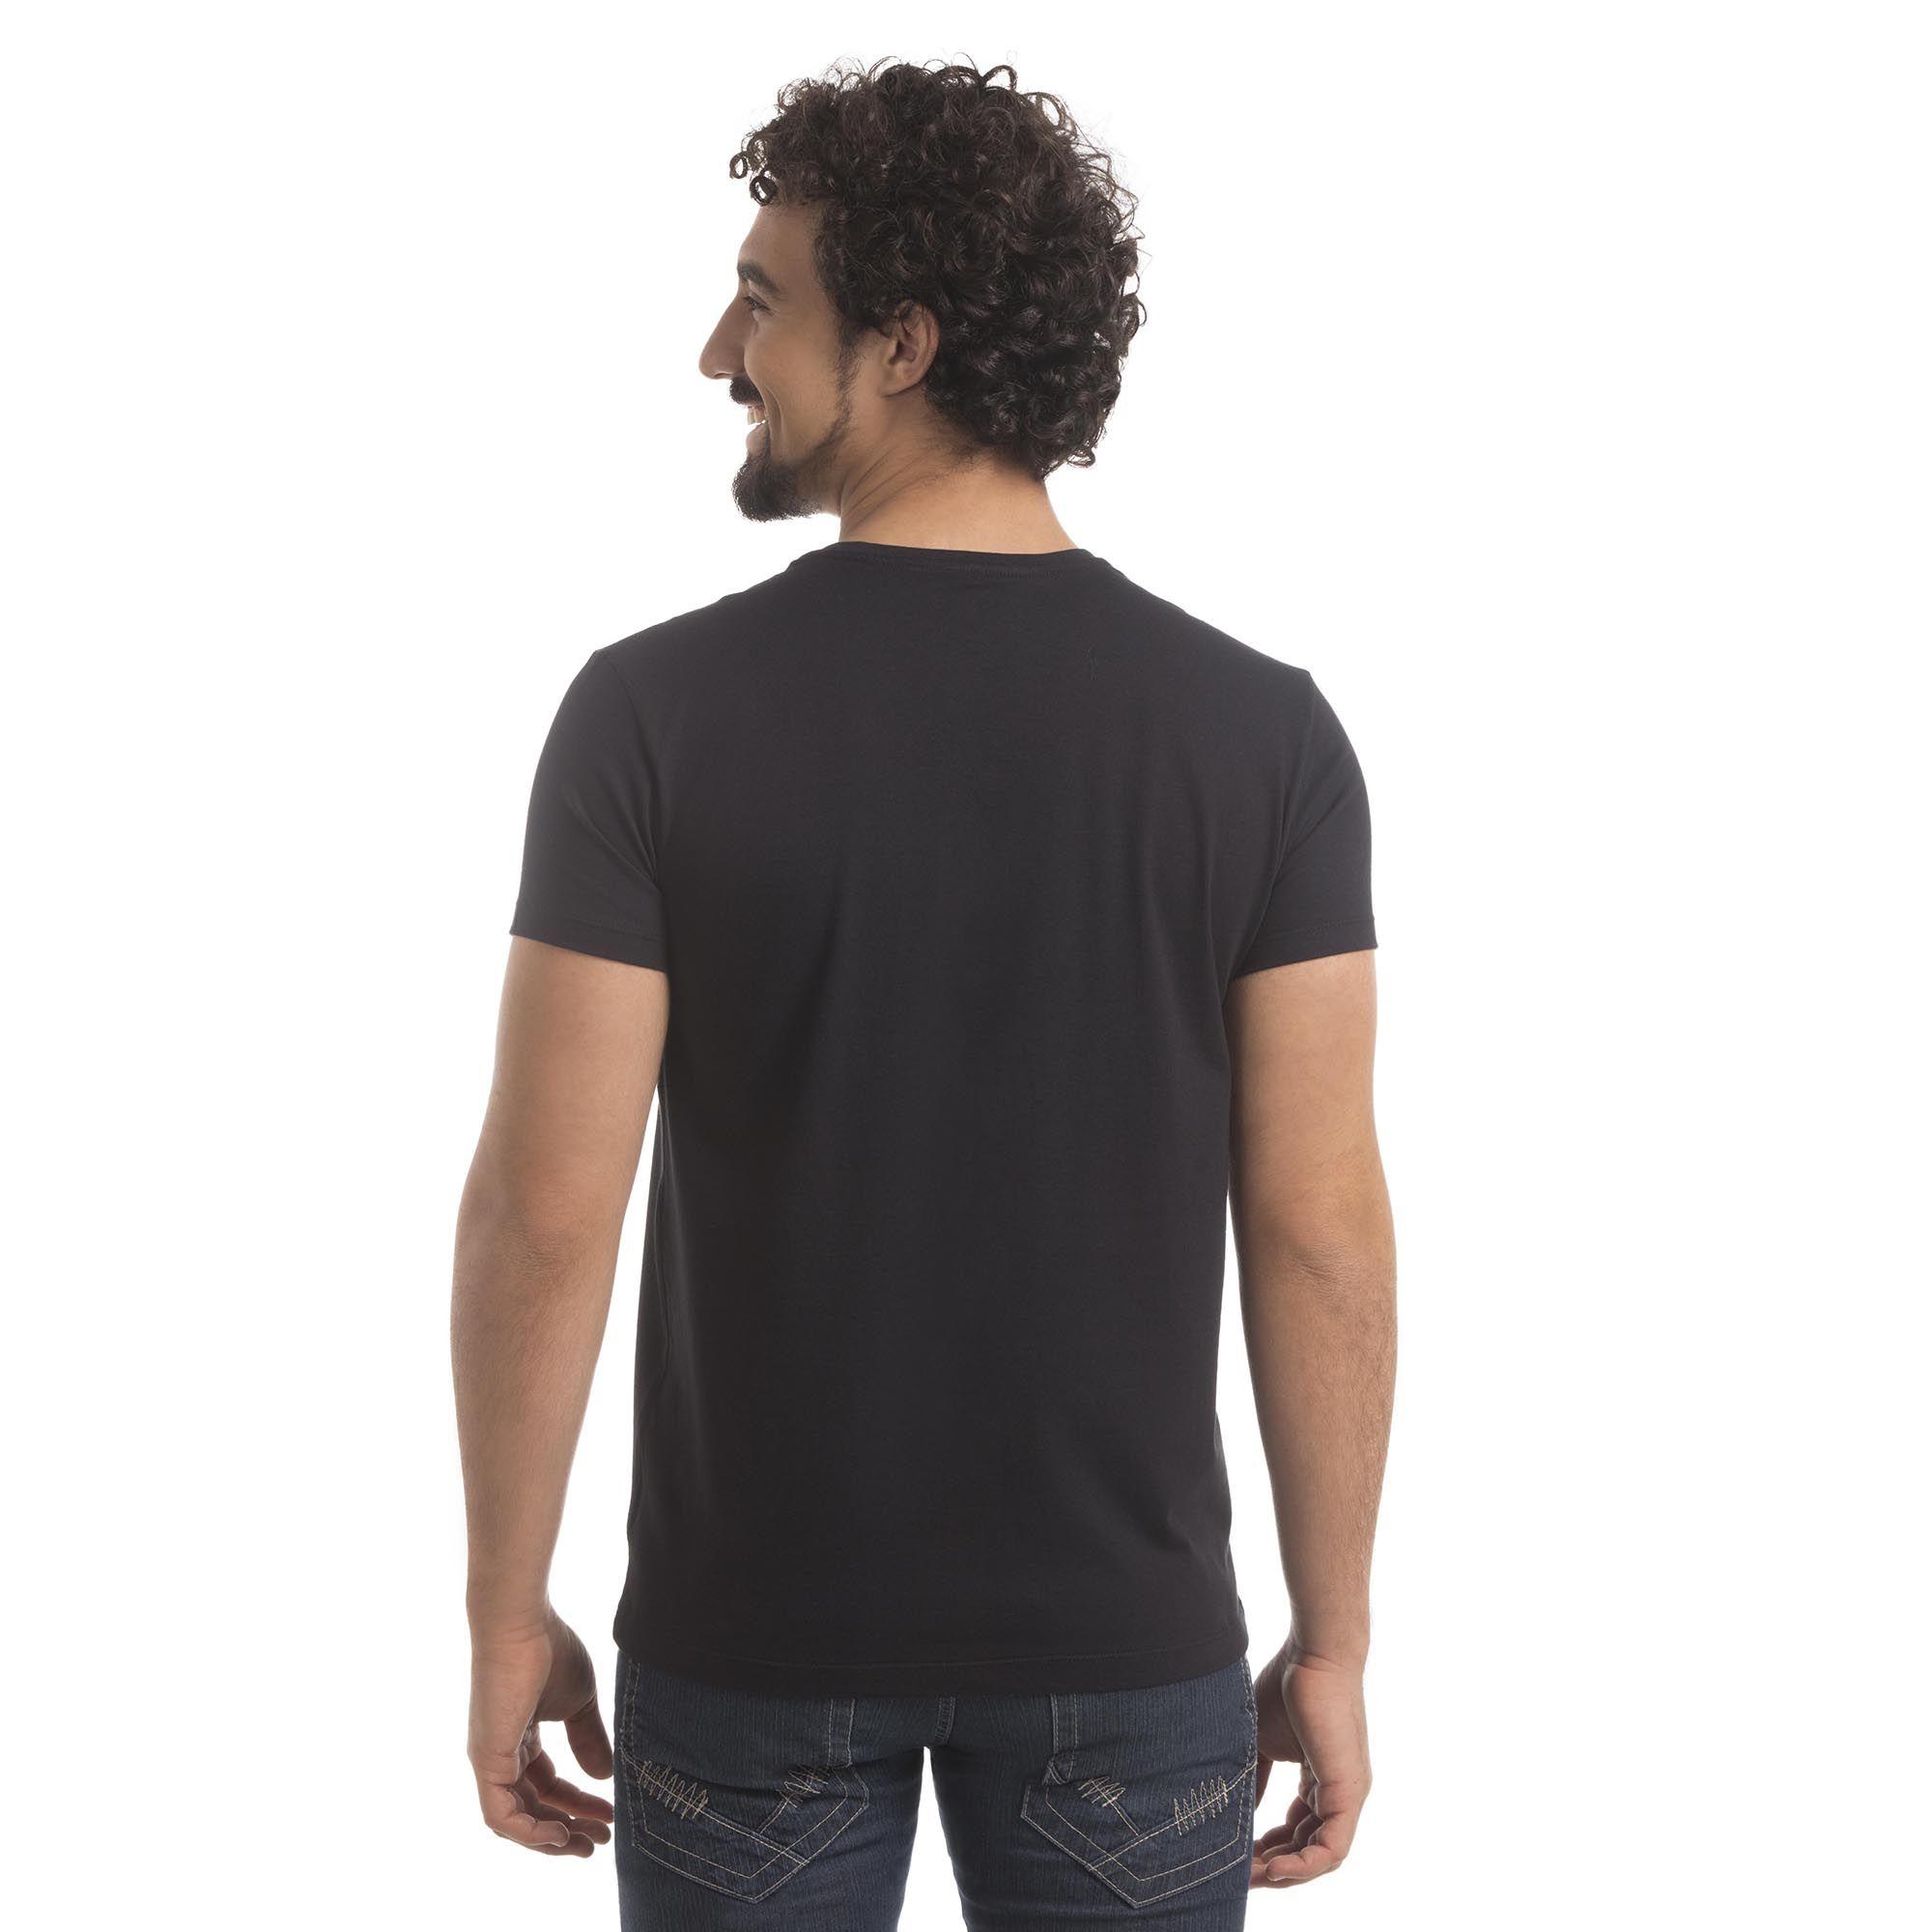 T-Shirt Zaiden Basic T5 Masculina